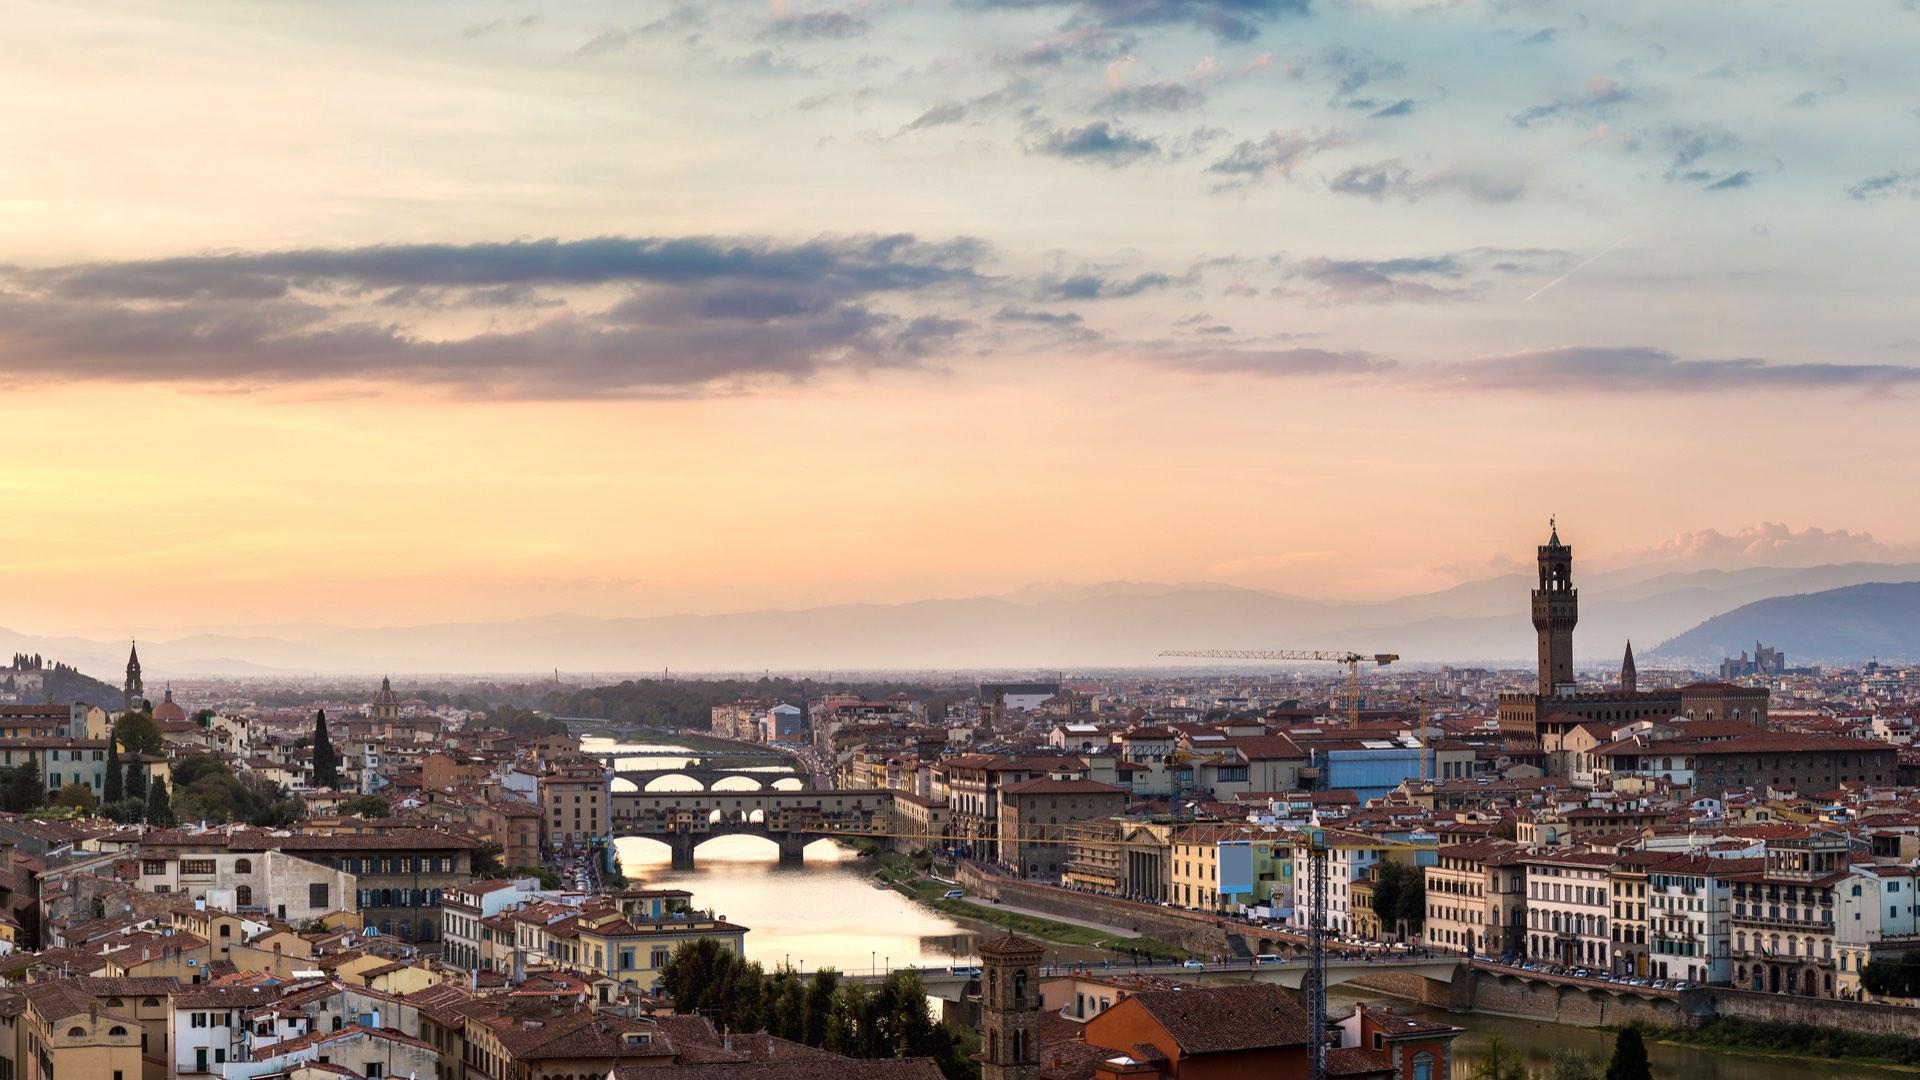 Italien | Florenz | ©S-F/Shutterstock.com